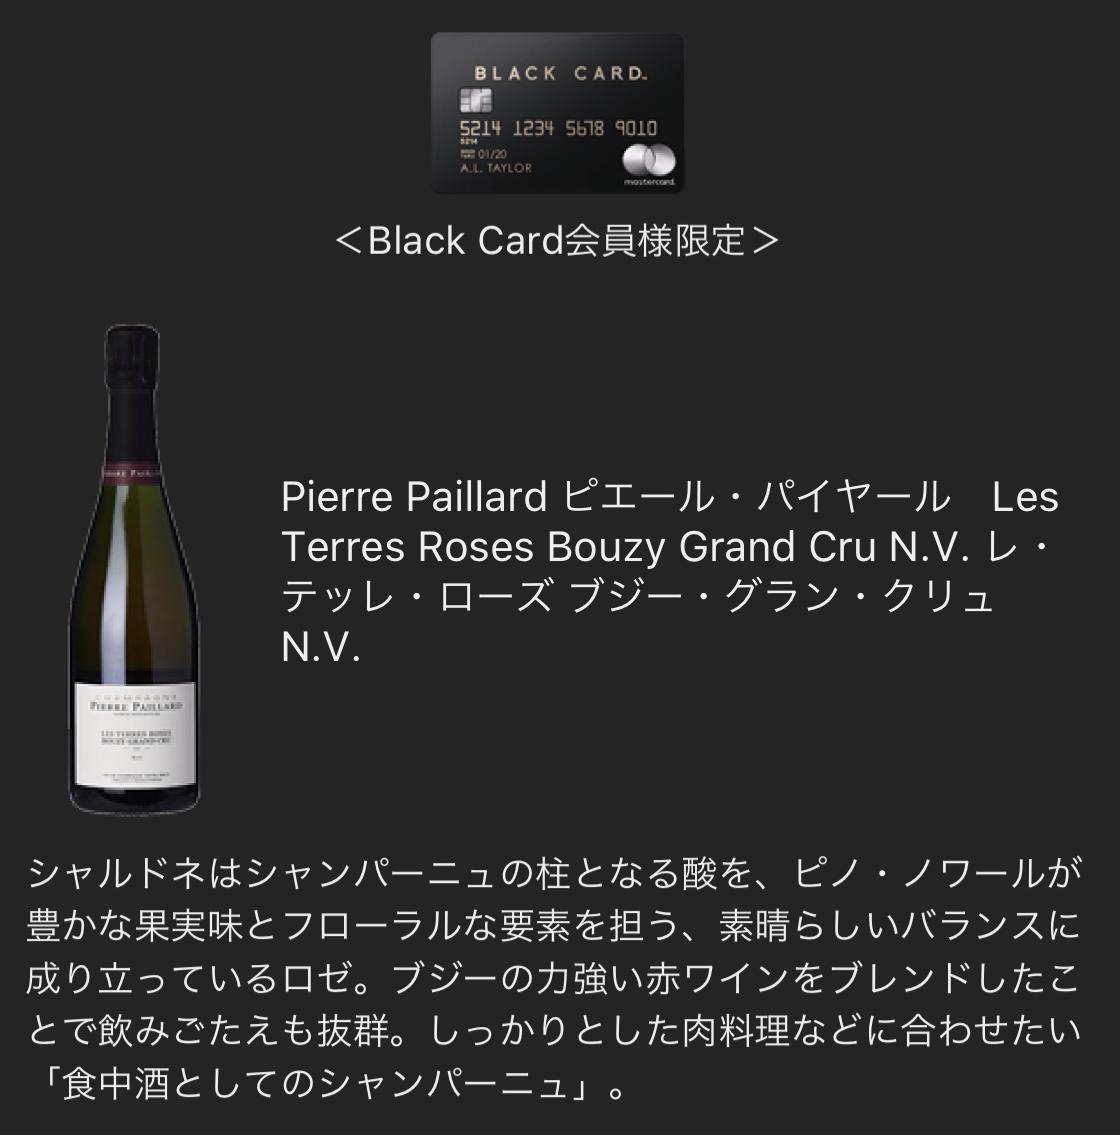 フォーシーズンズホテル東京でのラグジュアリーソーシャルアワー (2019年12月) (ブラックカード)